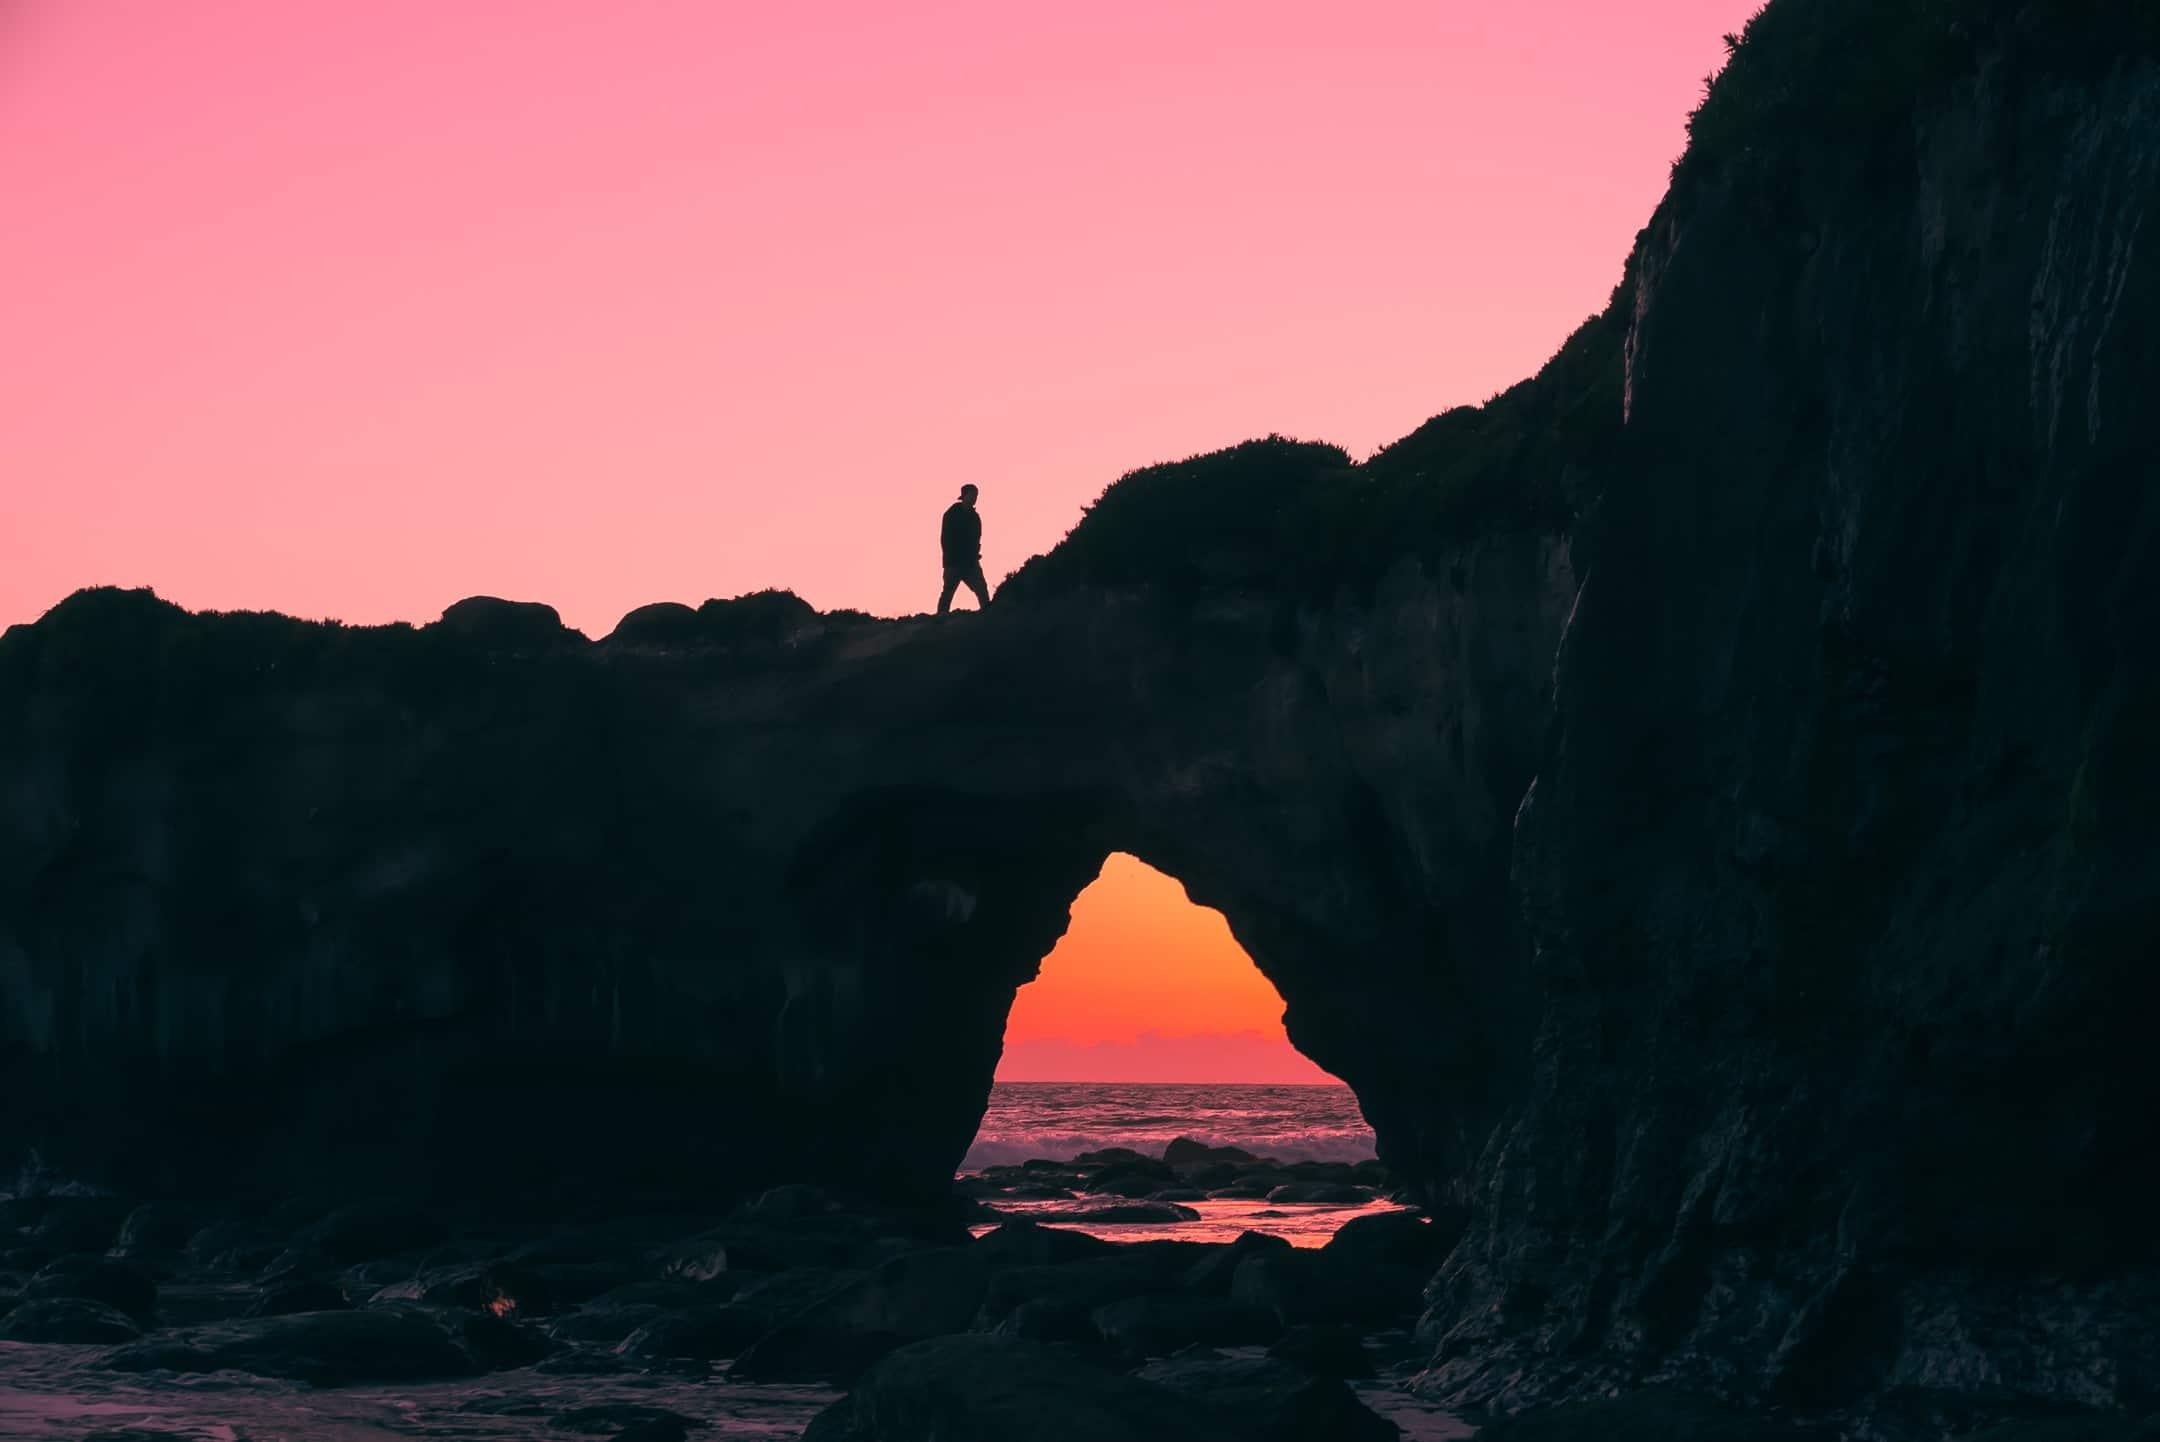 Homem caminhando em montanha com céu ao entardecer ao fundo